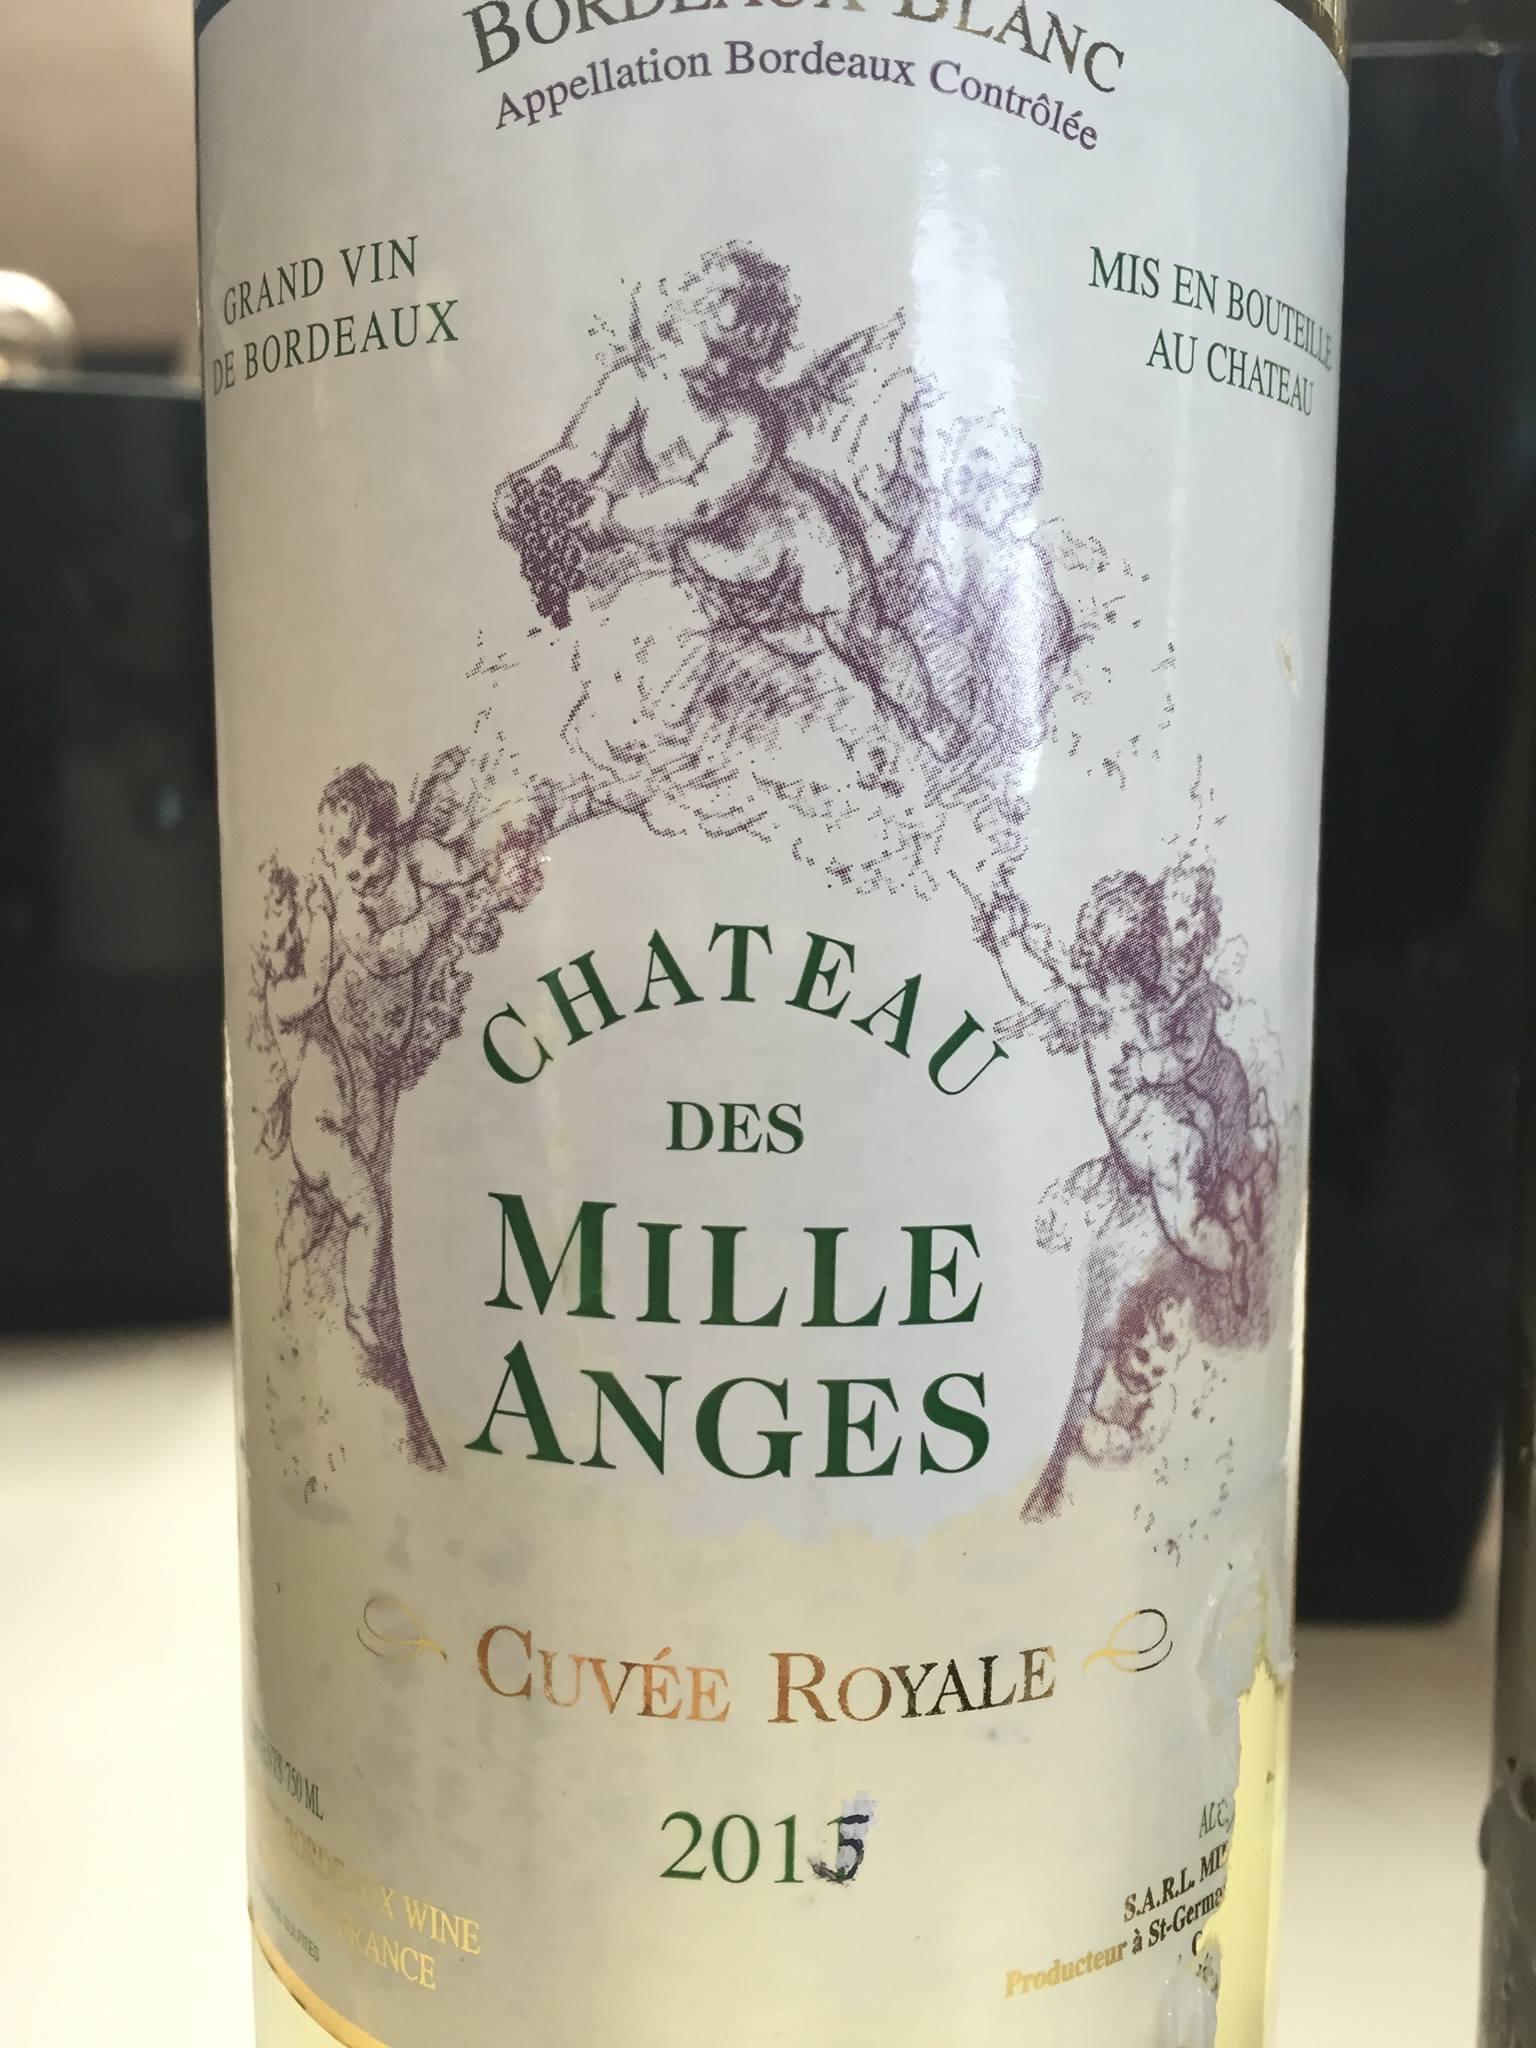 Château des Mille Anges – Cuvée Royale 2015 – Bordeaux